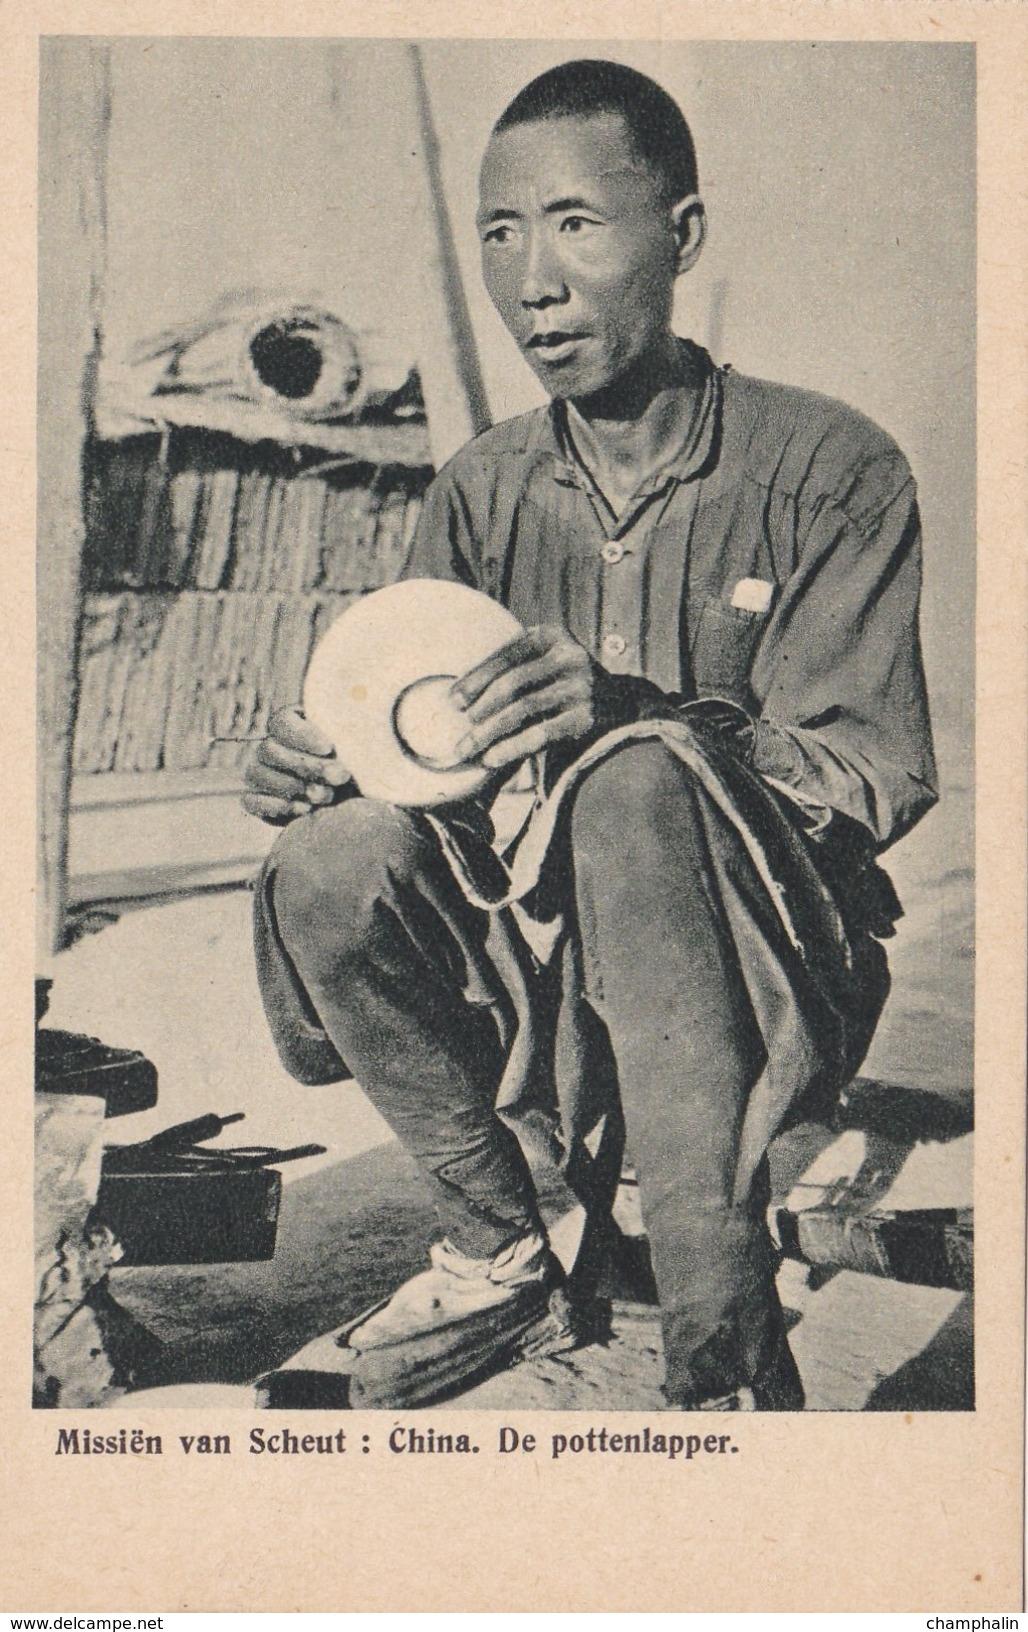 Chine - China - Missiën Van Scheut - De Pottenlapper - Potier - Mission - Chine